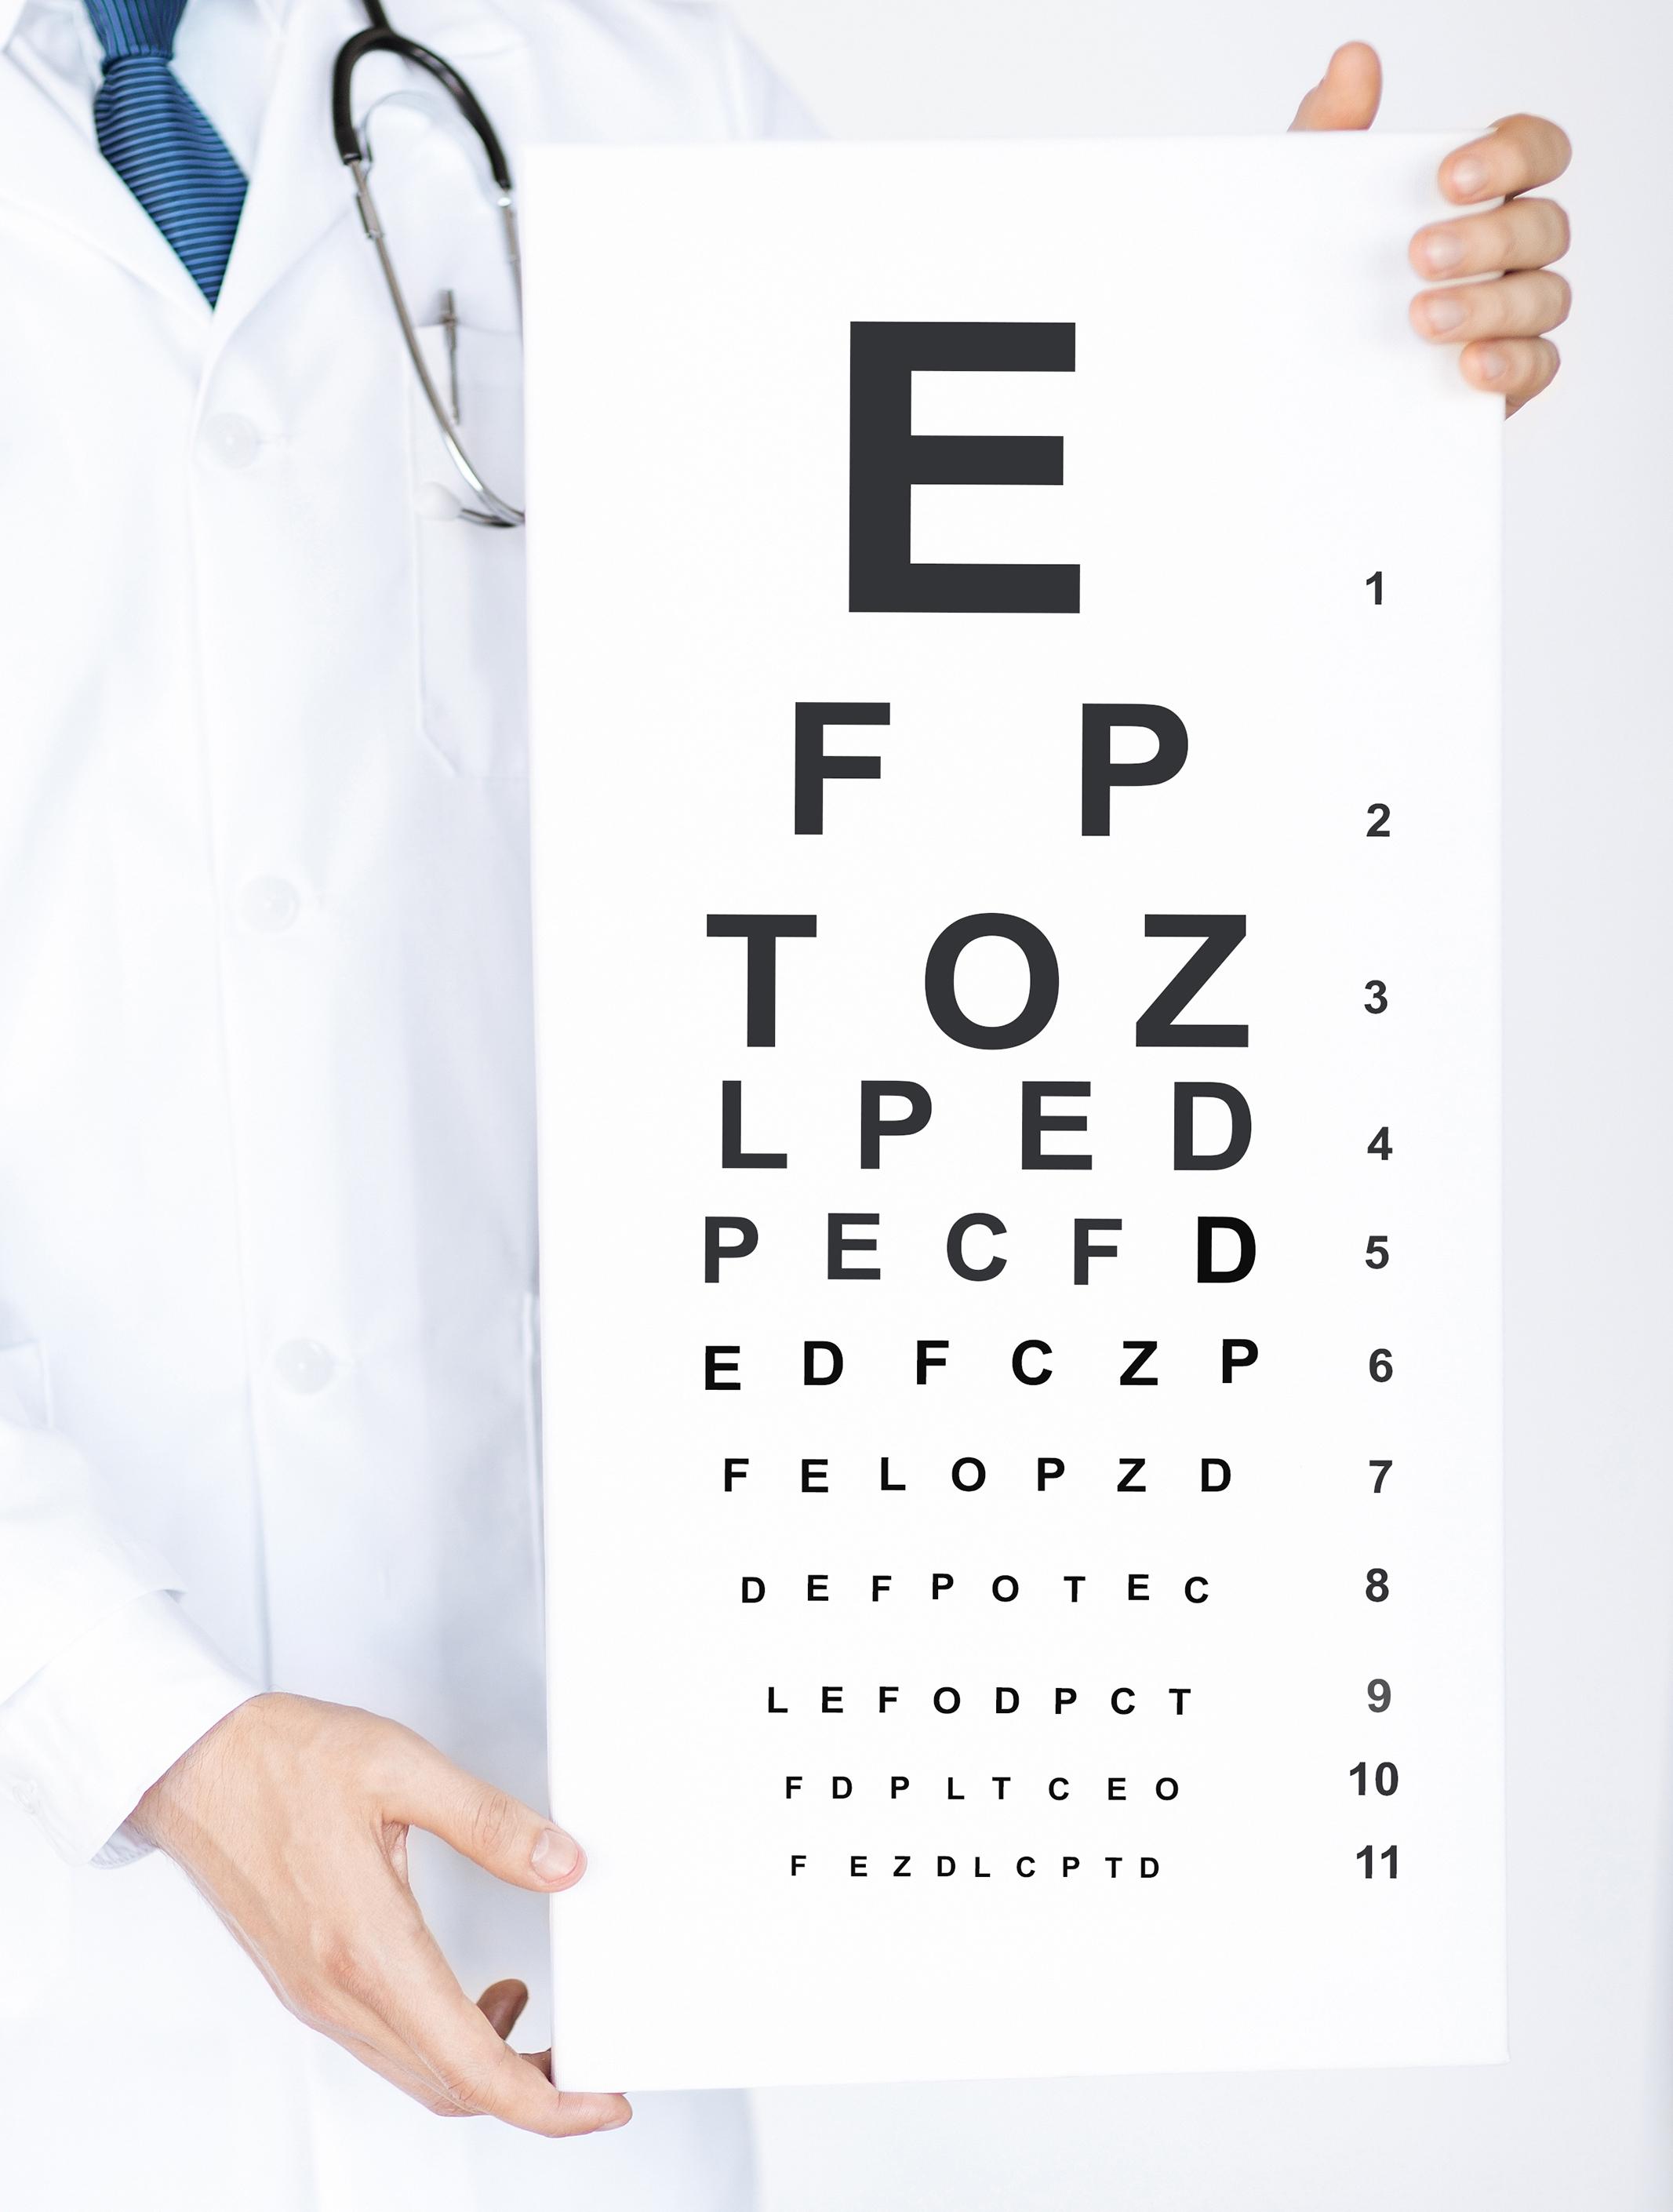 Παναγιώτης Τσικριπής - Χειρουργός Οφθαλμίατρος - Μυωπία |